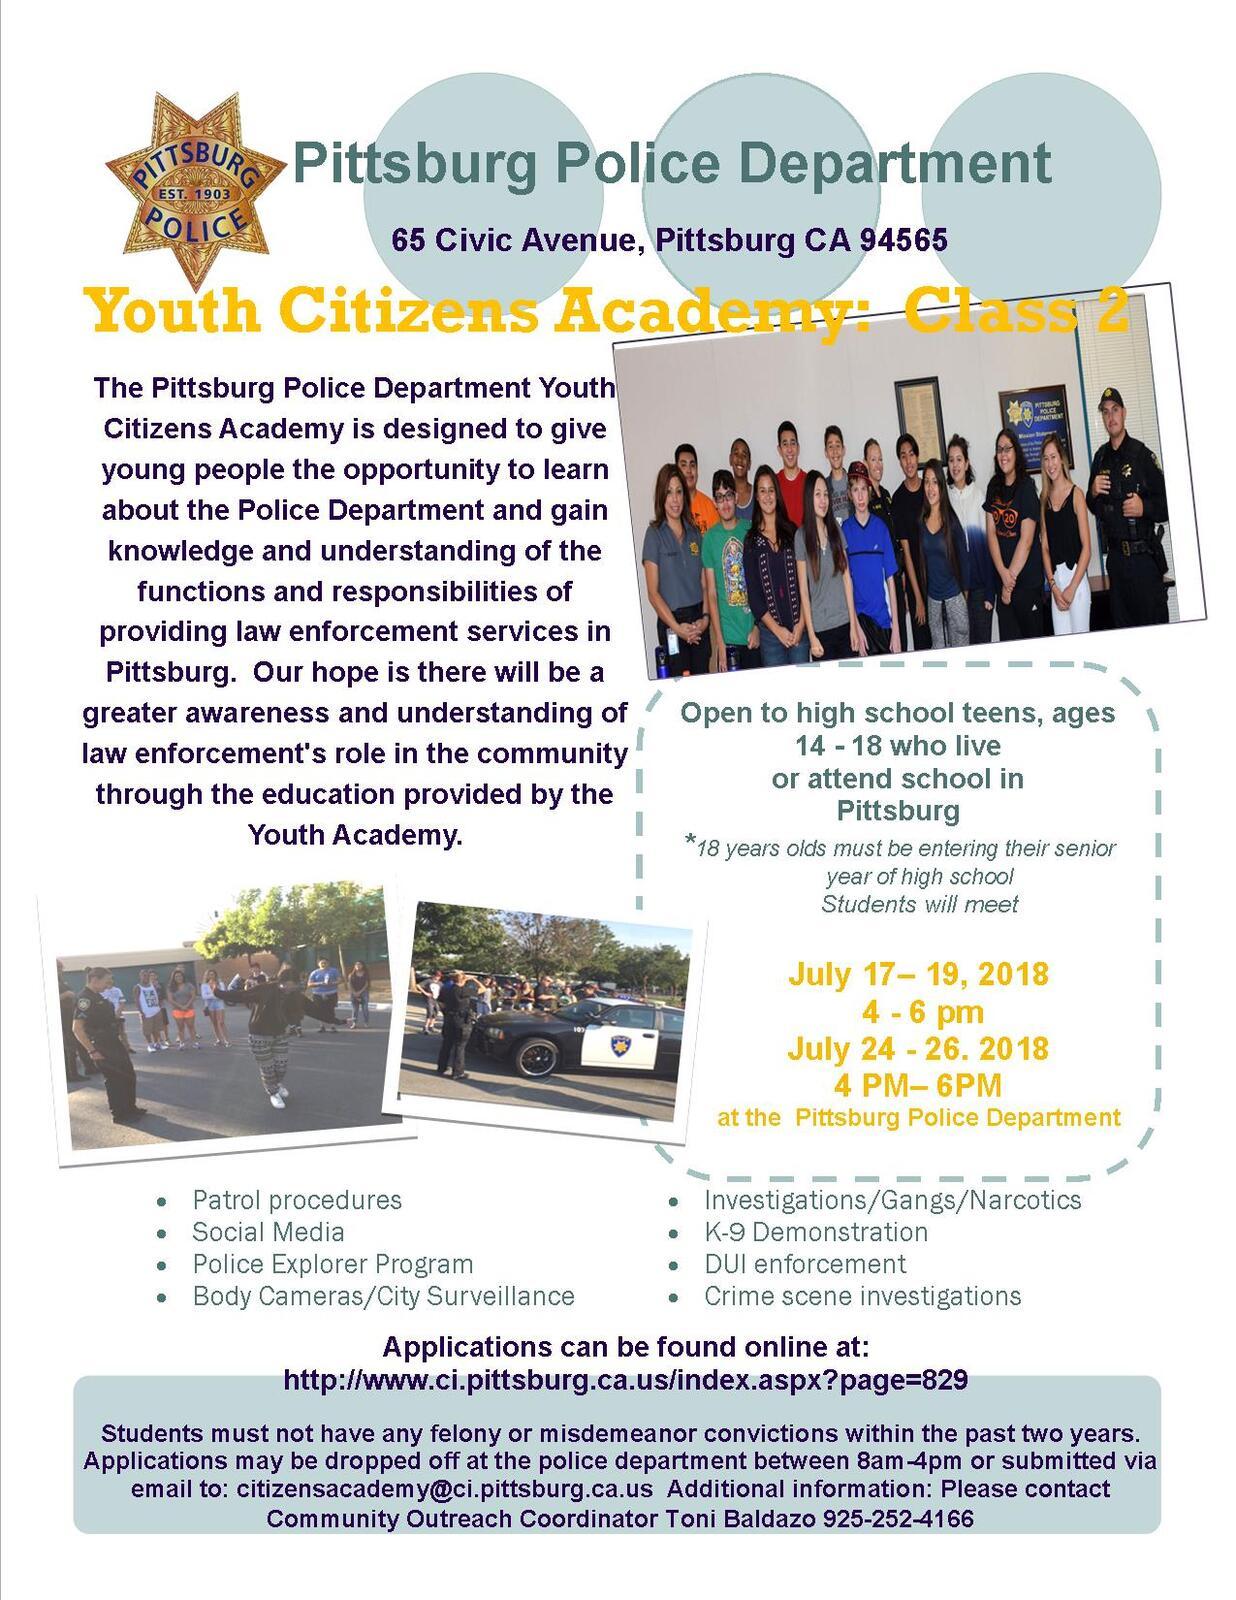 Excellent idea. teen outreach coordinator job opening message